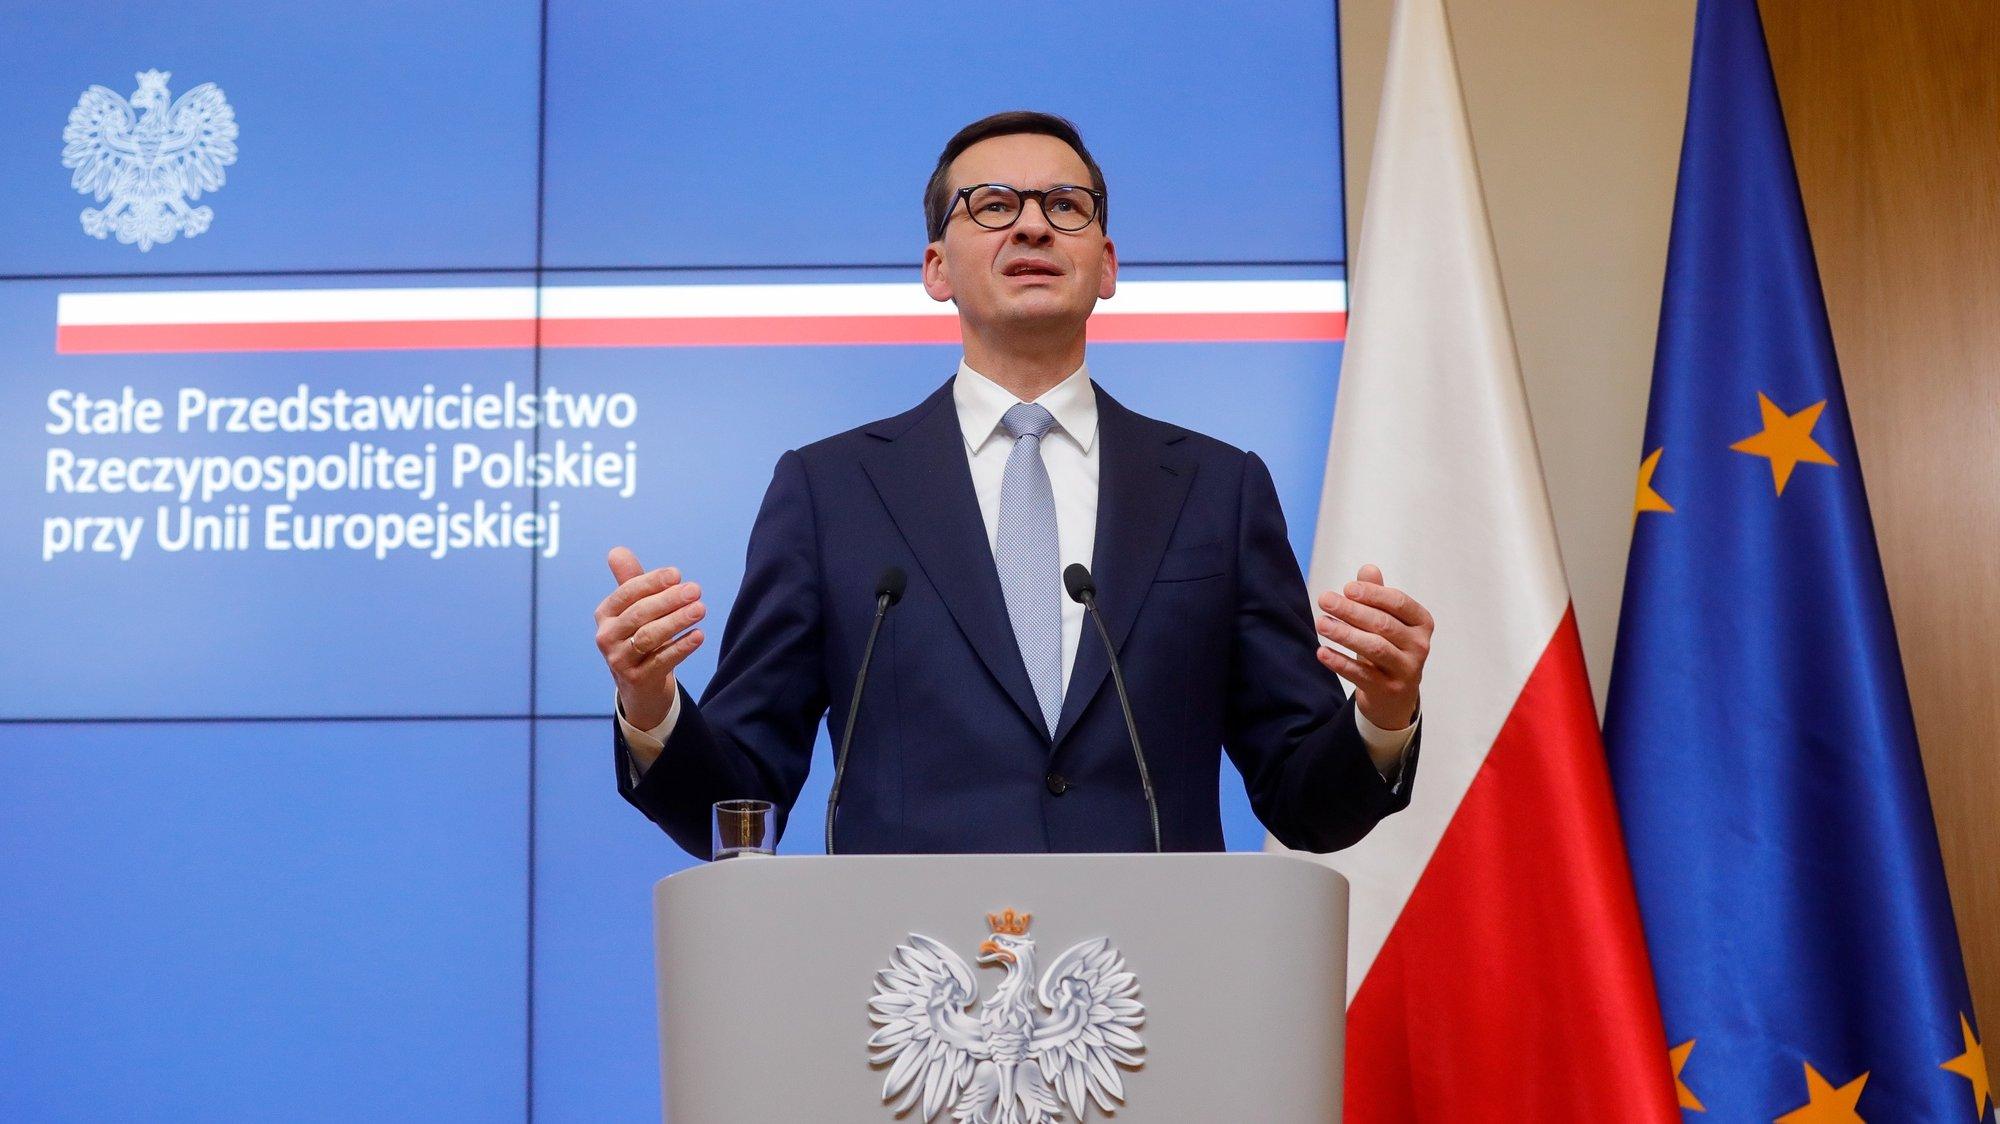 Mateusz Morawiecki dá uma Conferência de imprensa